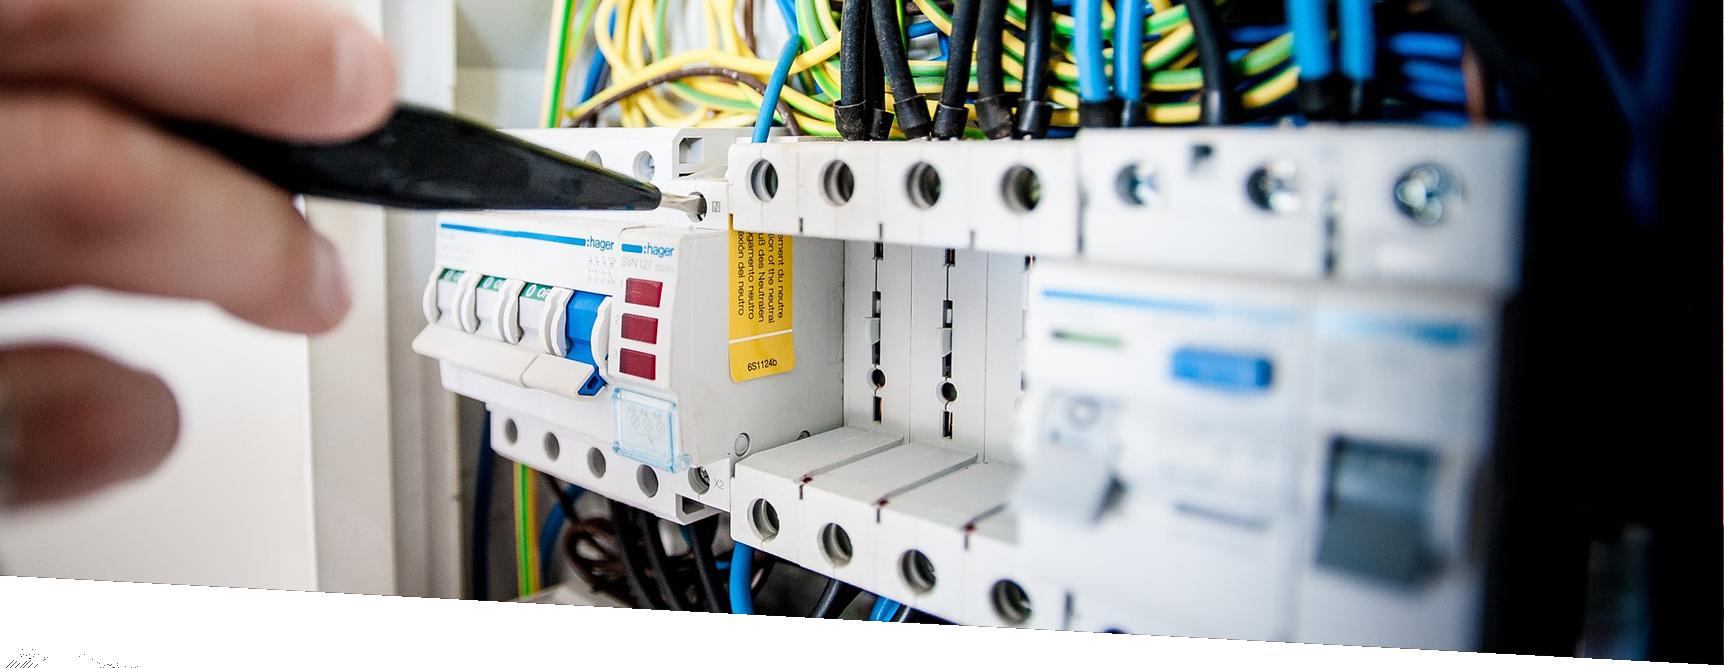 instalação de redes eléctricas, instalação eléctrica, electricidade